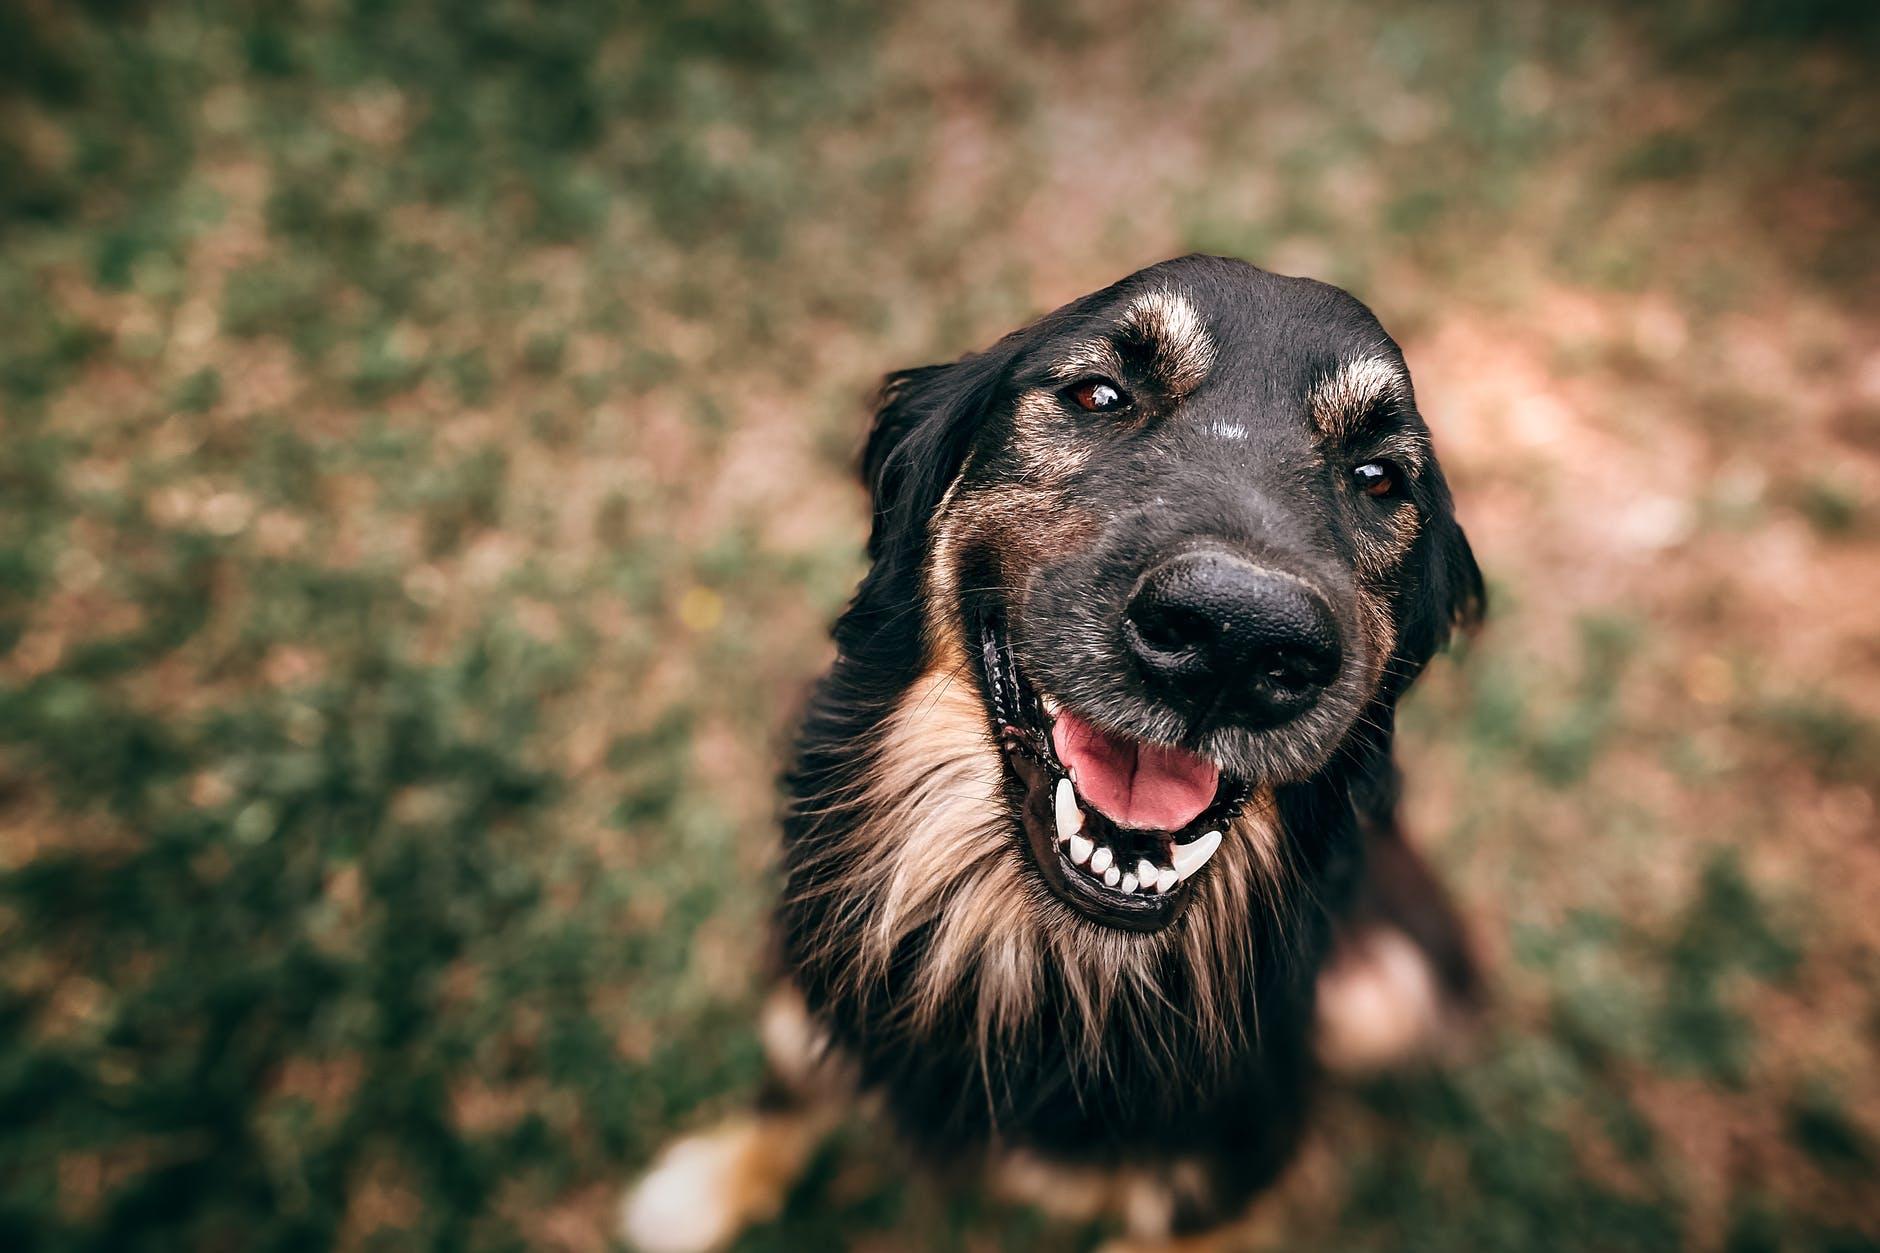 close up photo of dog